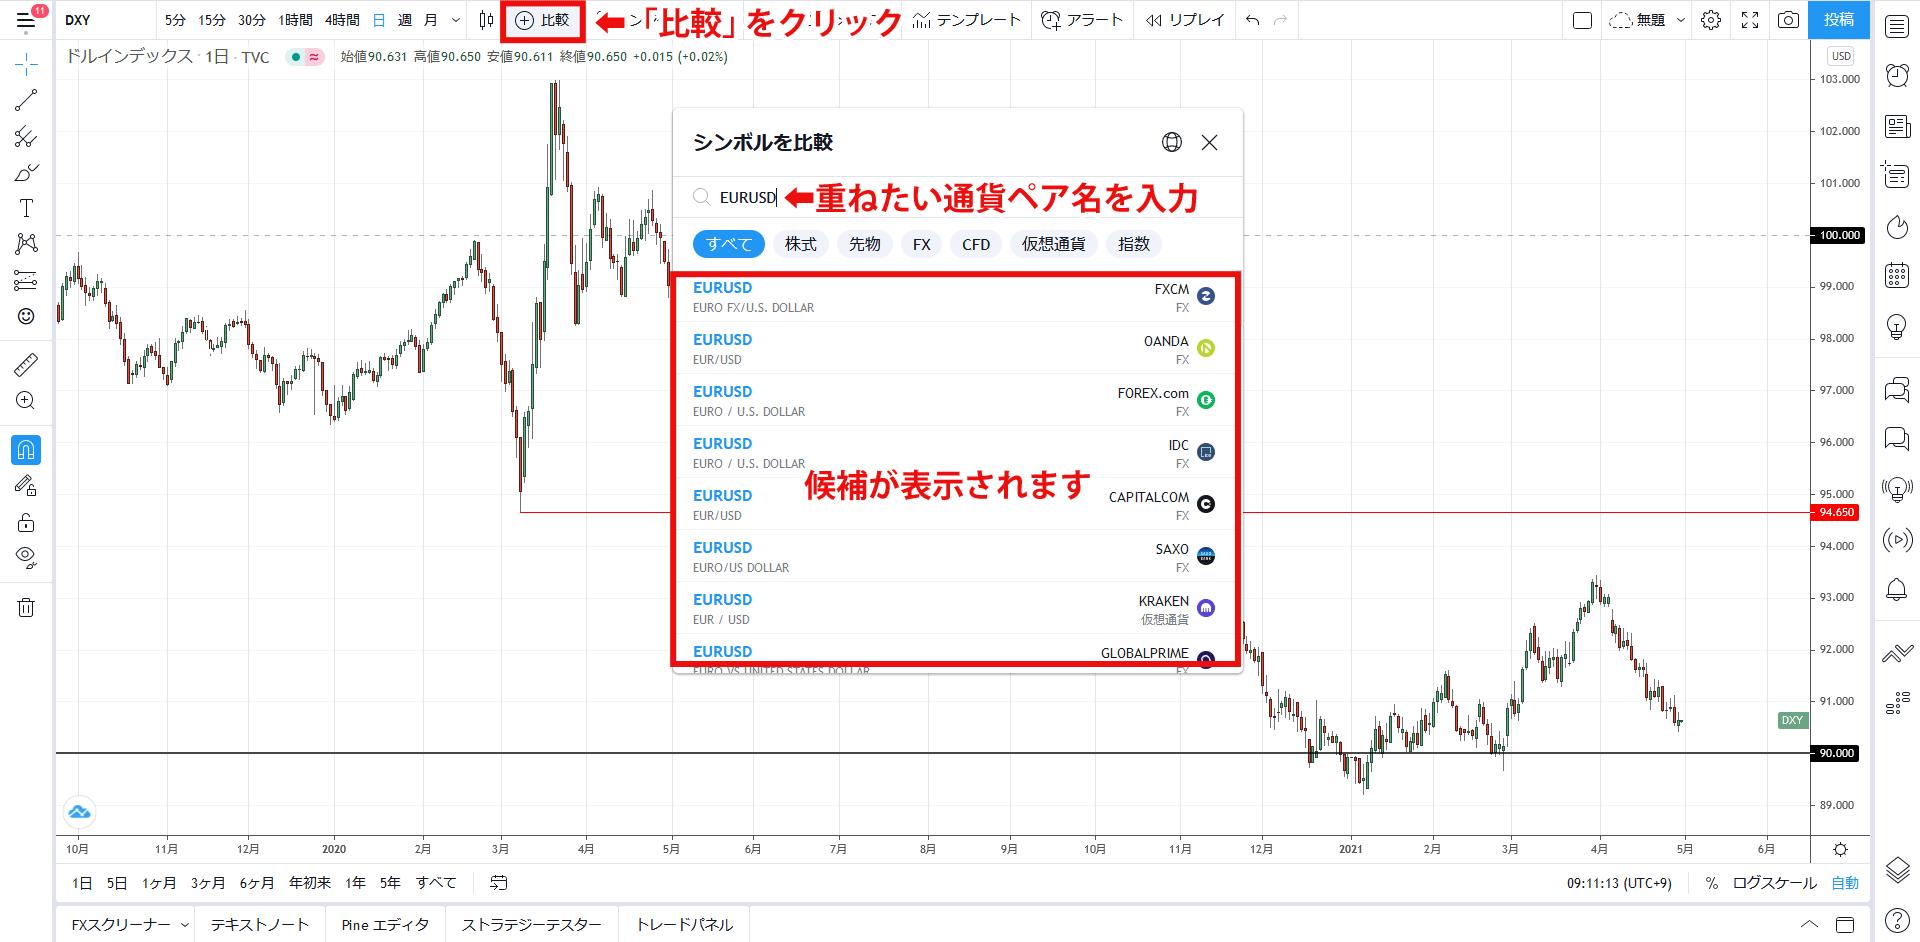 チャートを重ねて表示する通貨ペアを入力